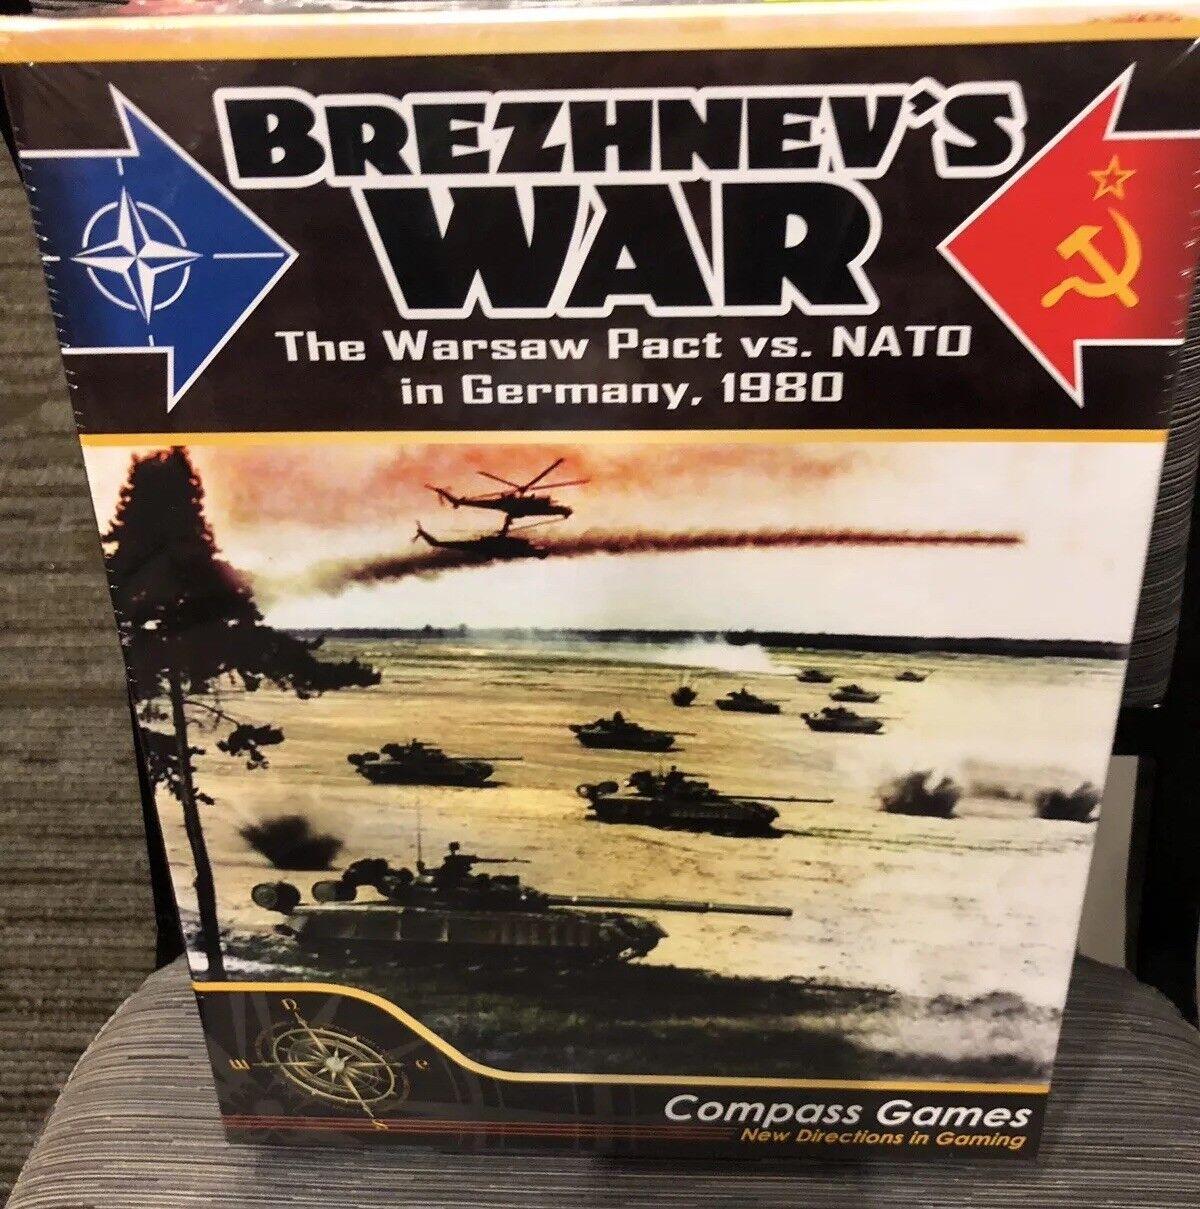 Juegos de la guerra de la OTAN Brezhnev brújula brújula brújula vs el Pacto de Varsovia nisw 1980 Envío Gratis en EE. UU.  envío rápido en todo el mundo